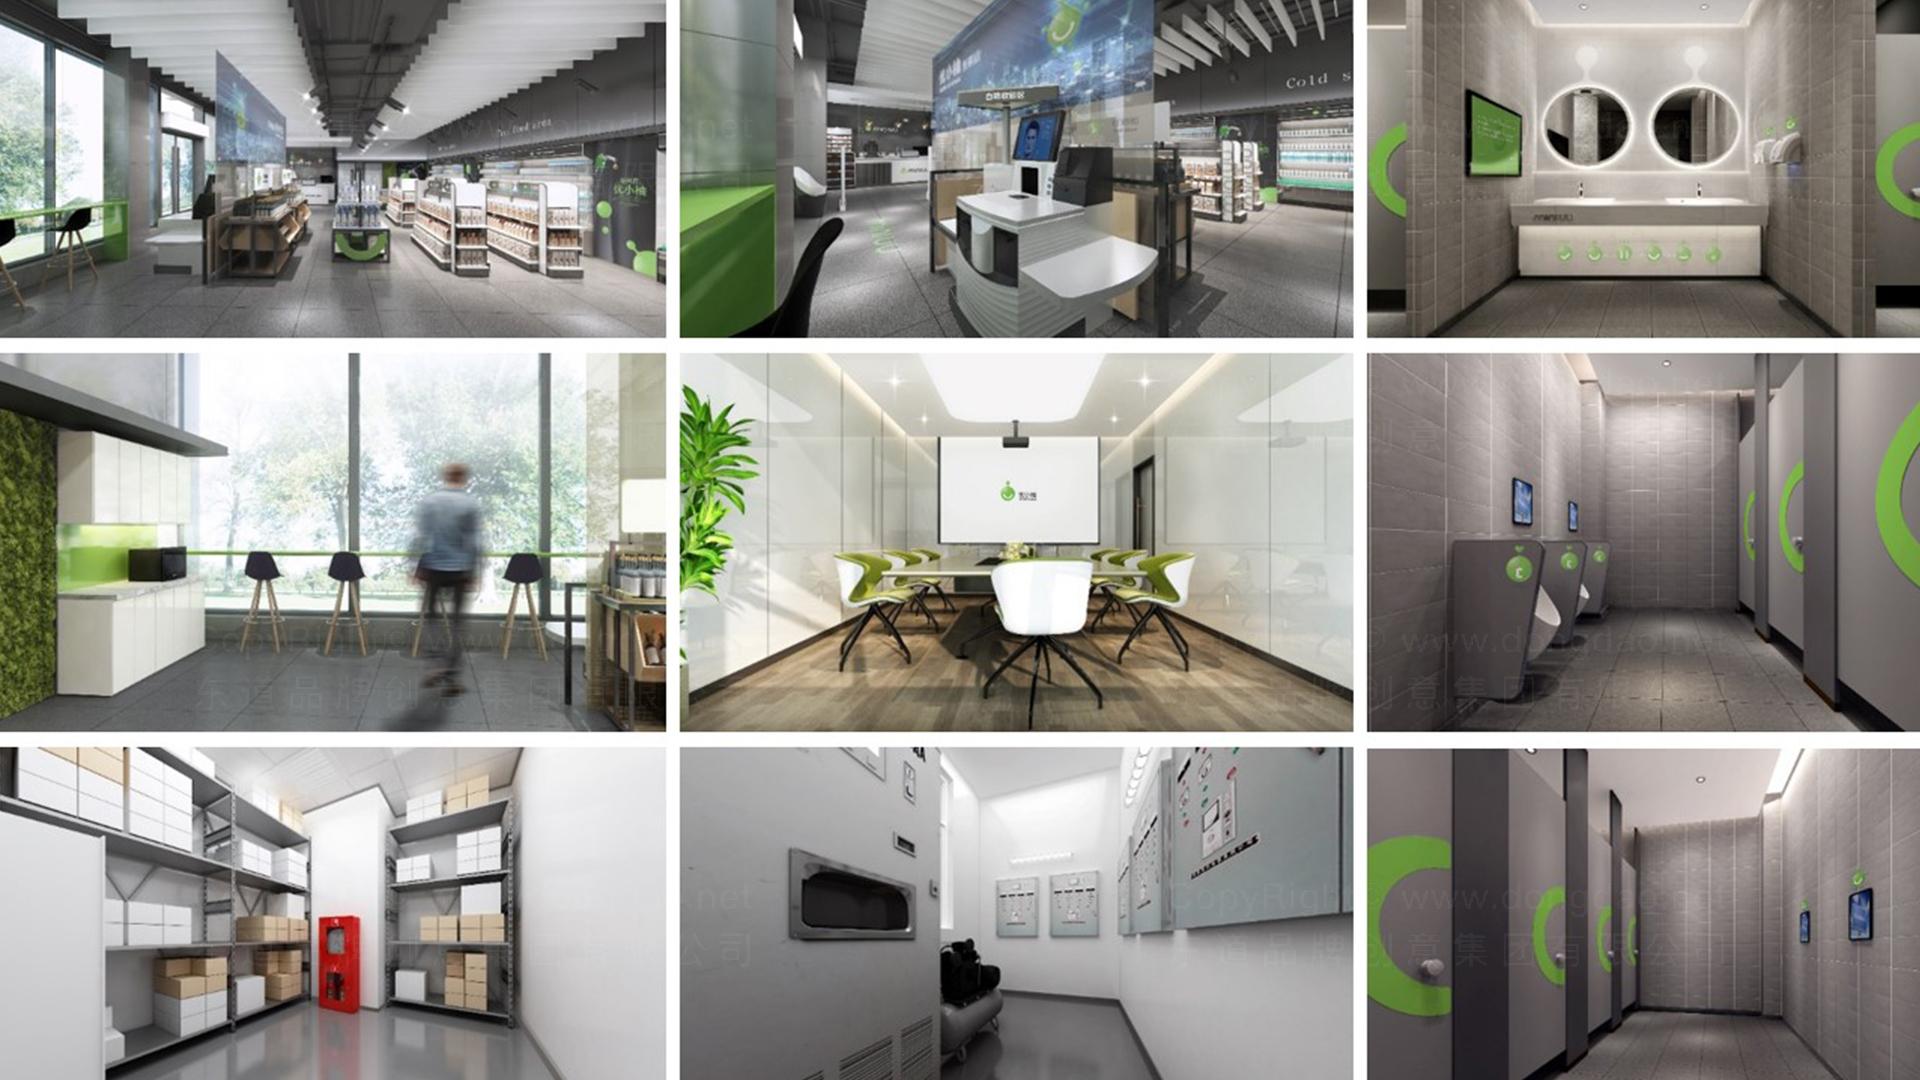 商业空间&导示优小柚加油站加油站SI设计应用场景_3